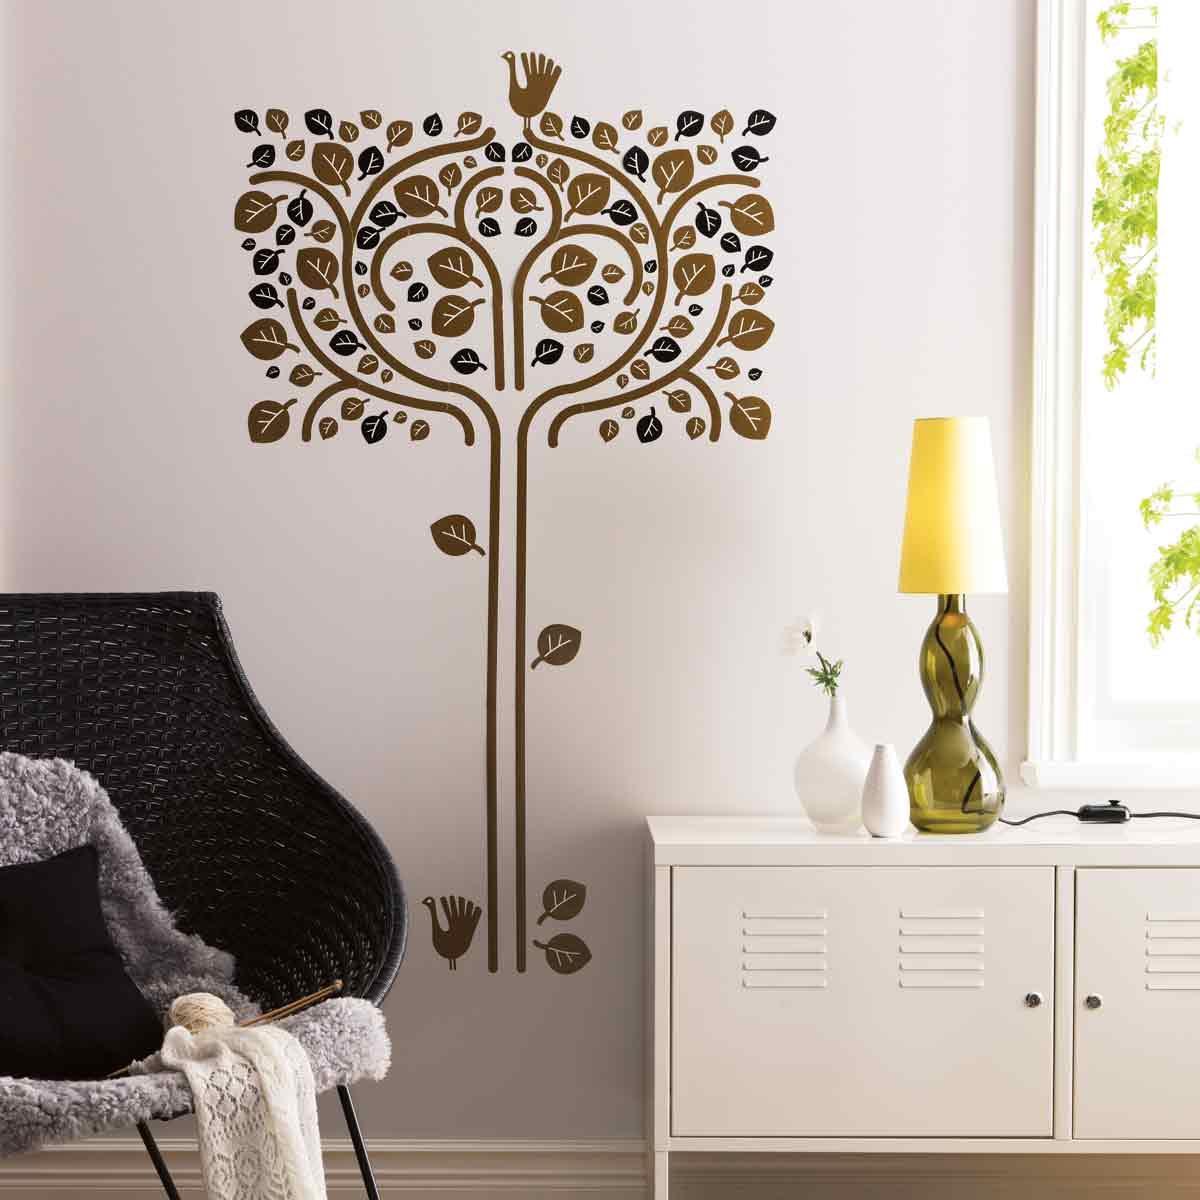 Wall-stencil-art